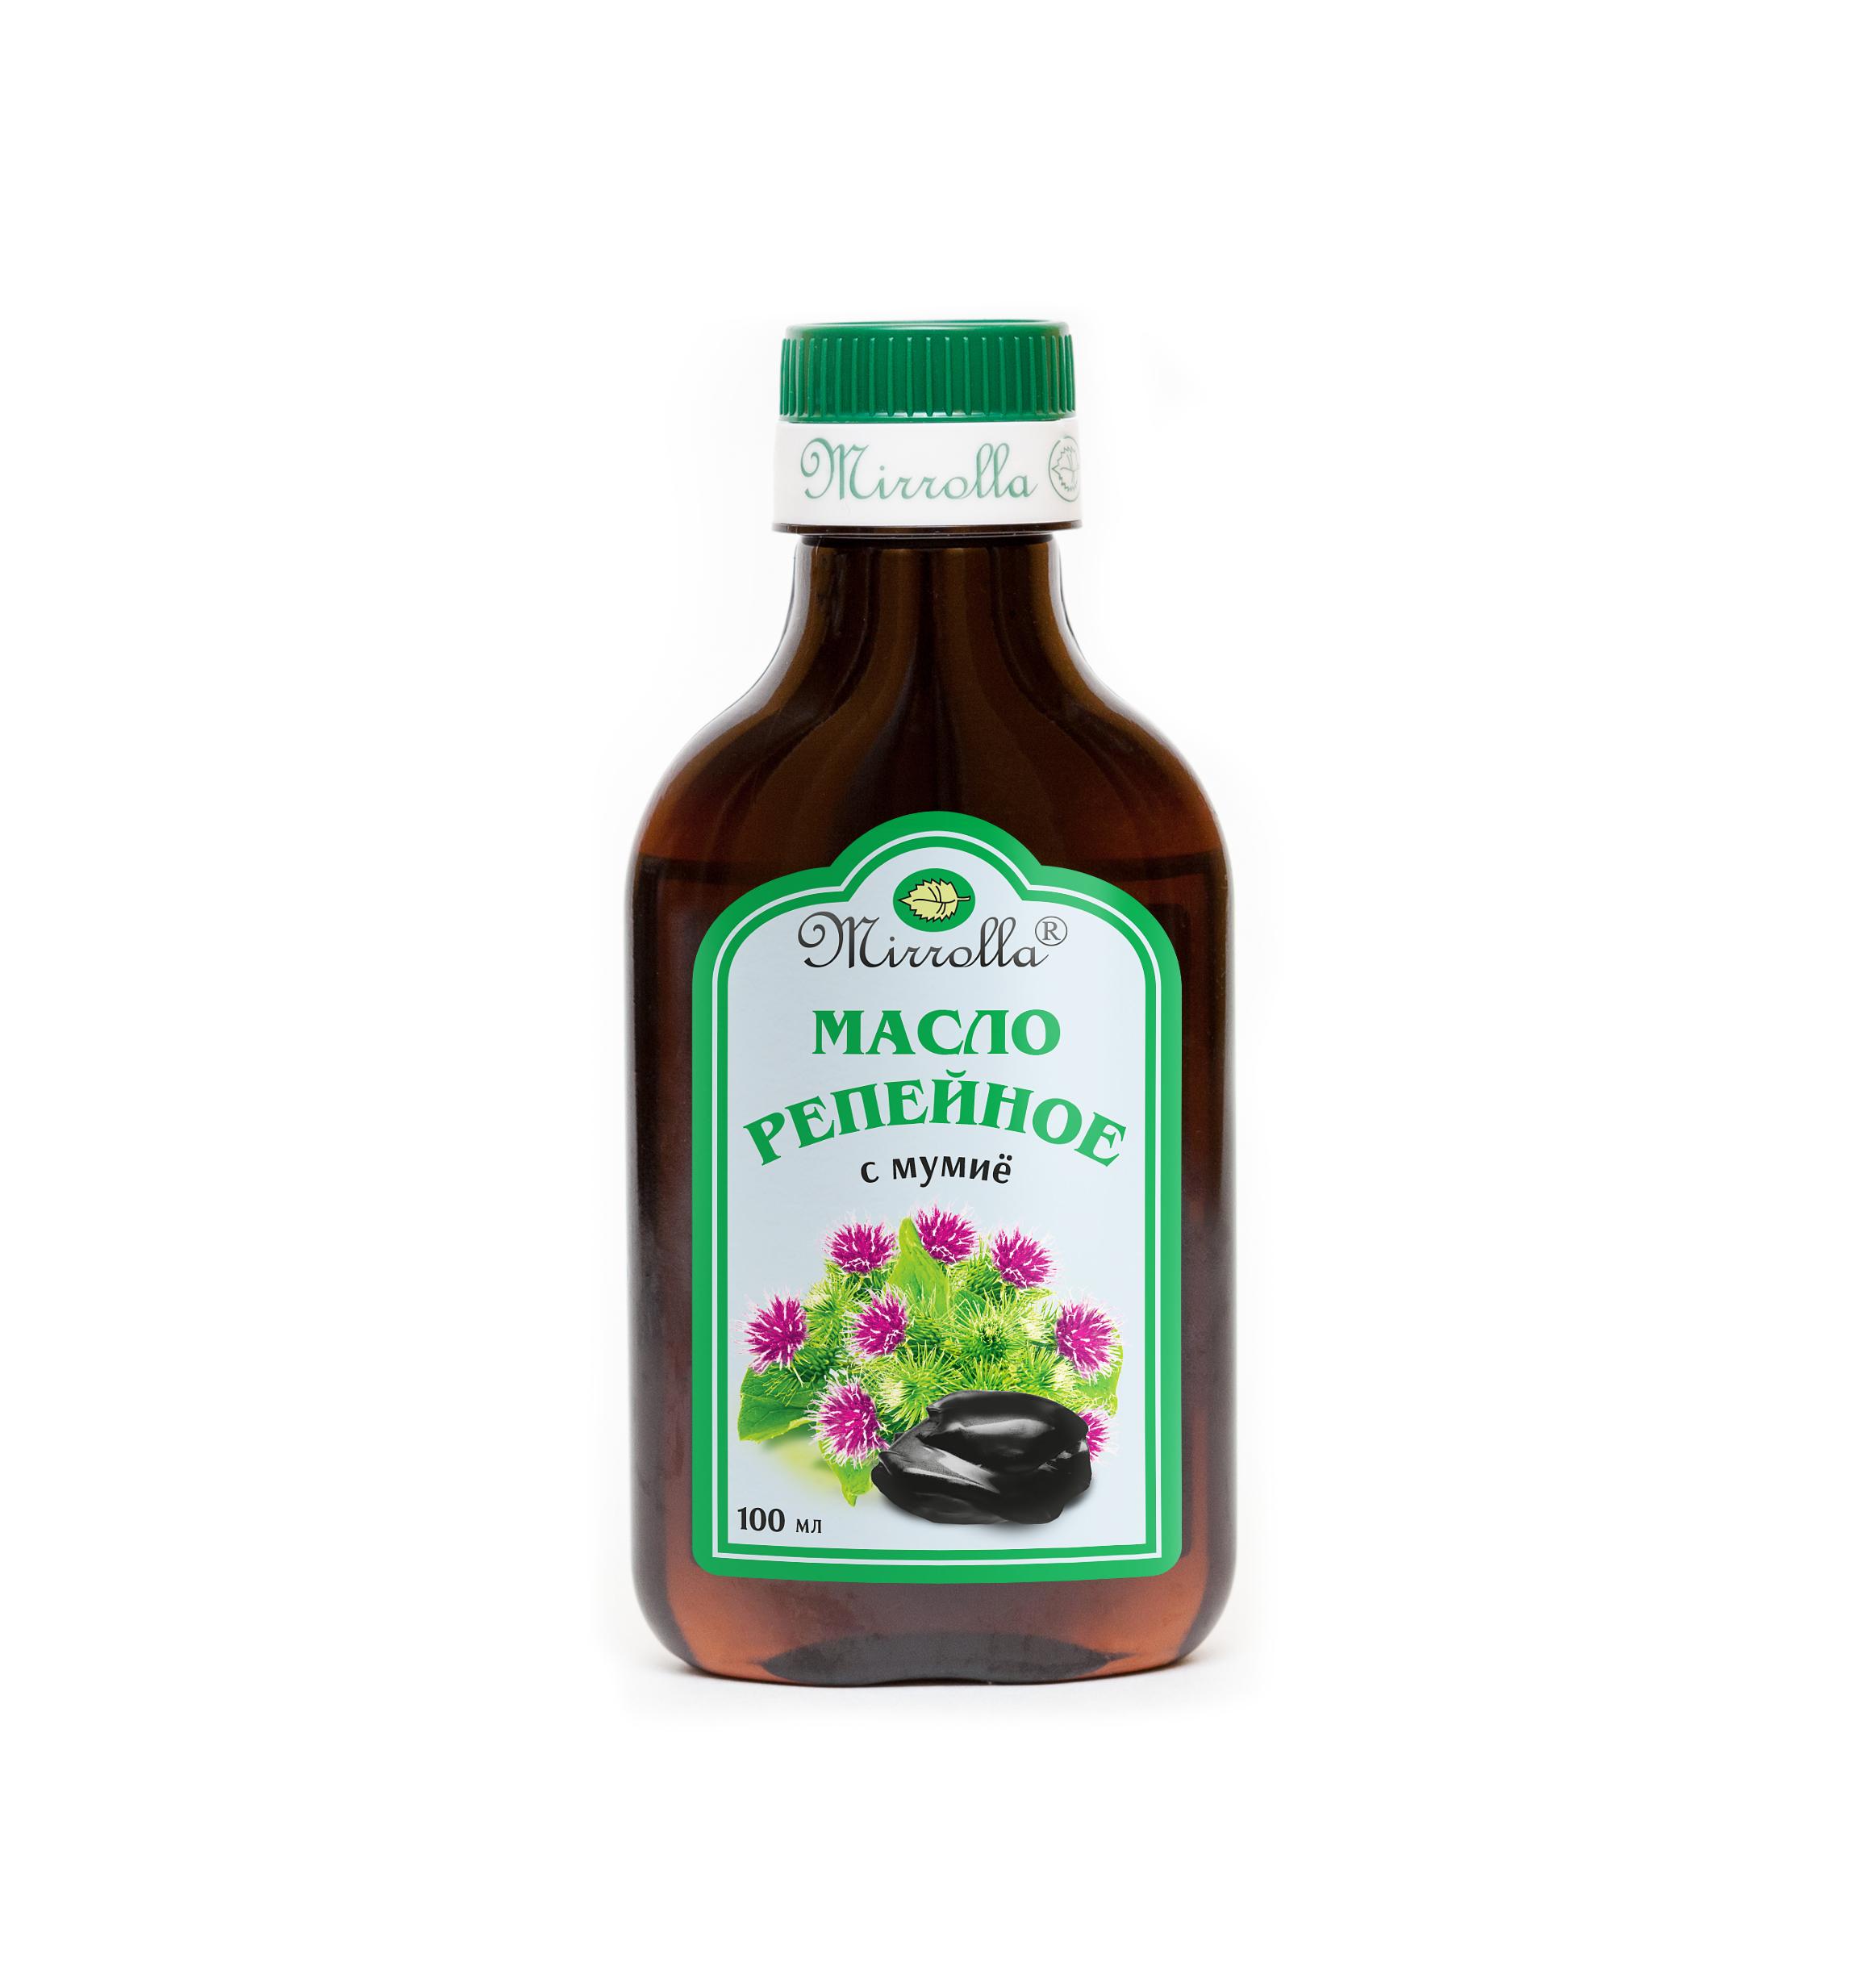 Препарат: корень лопуха в аптеках москвы